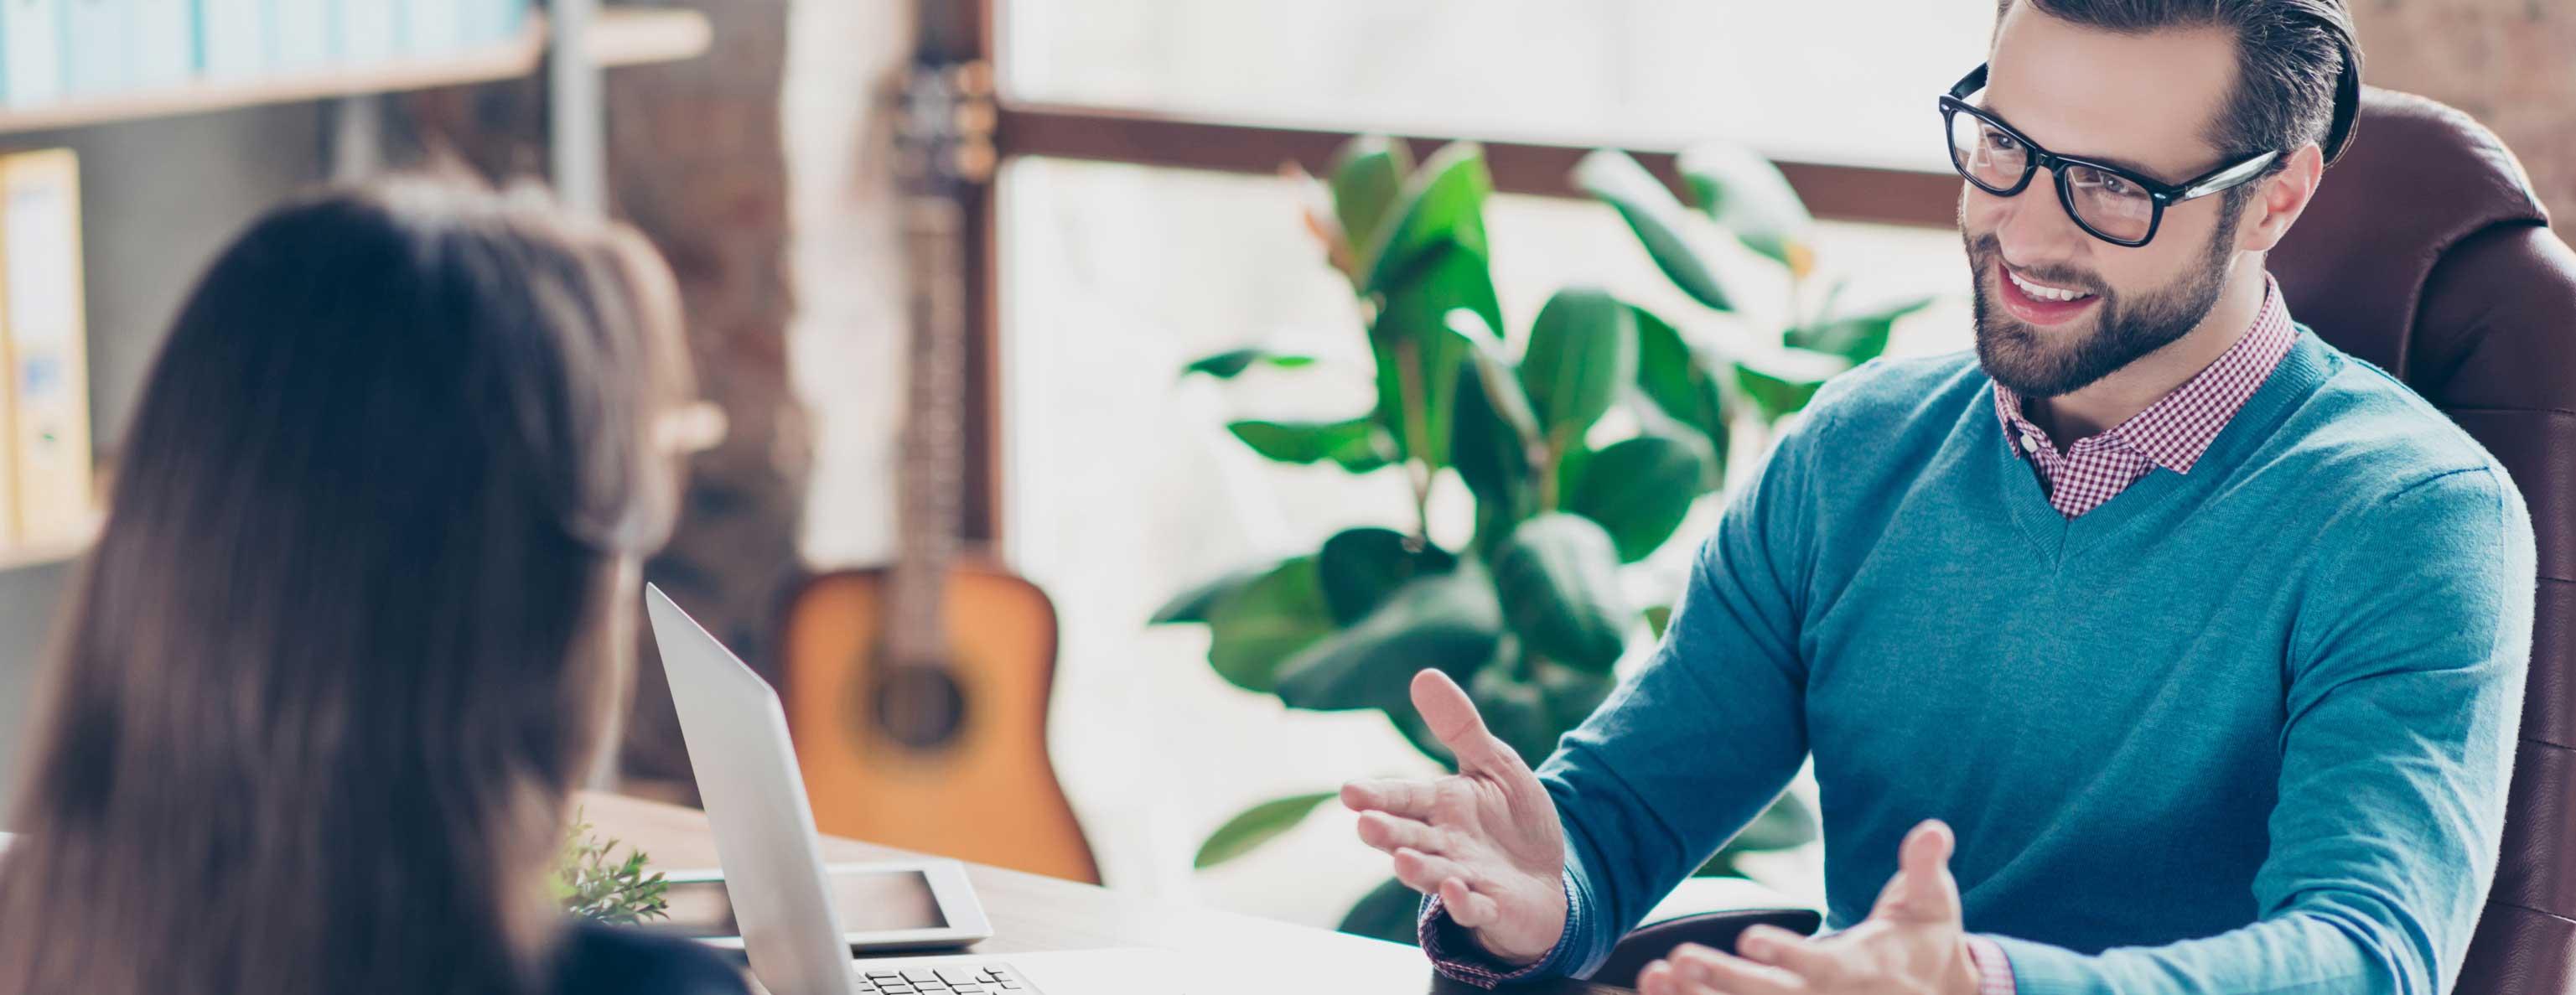 Employee Recruiting | Compass Business Coaching